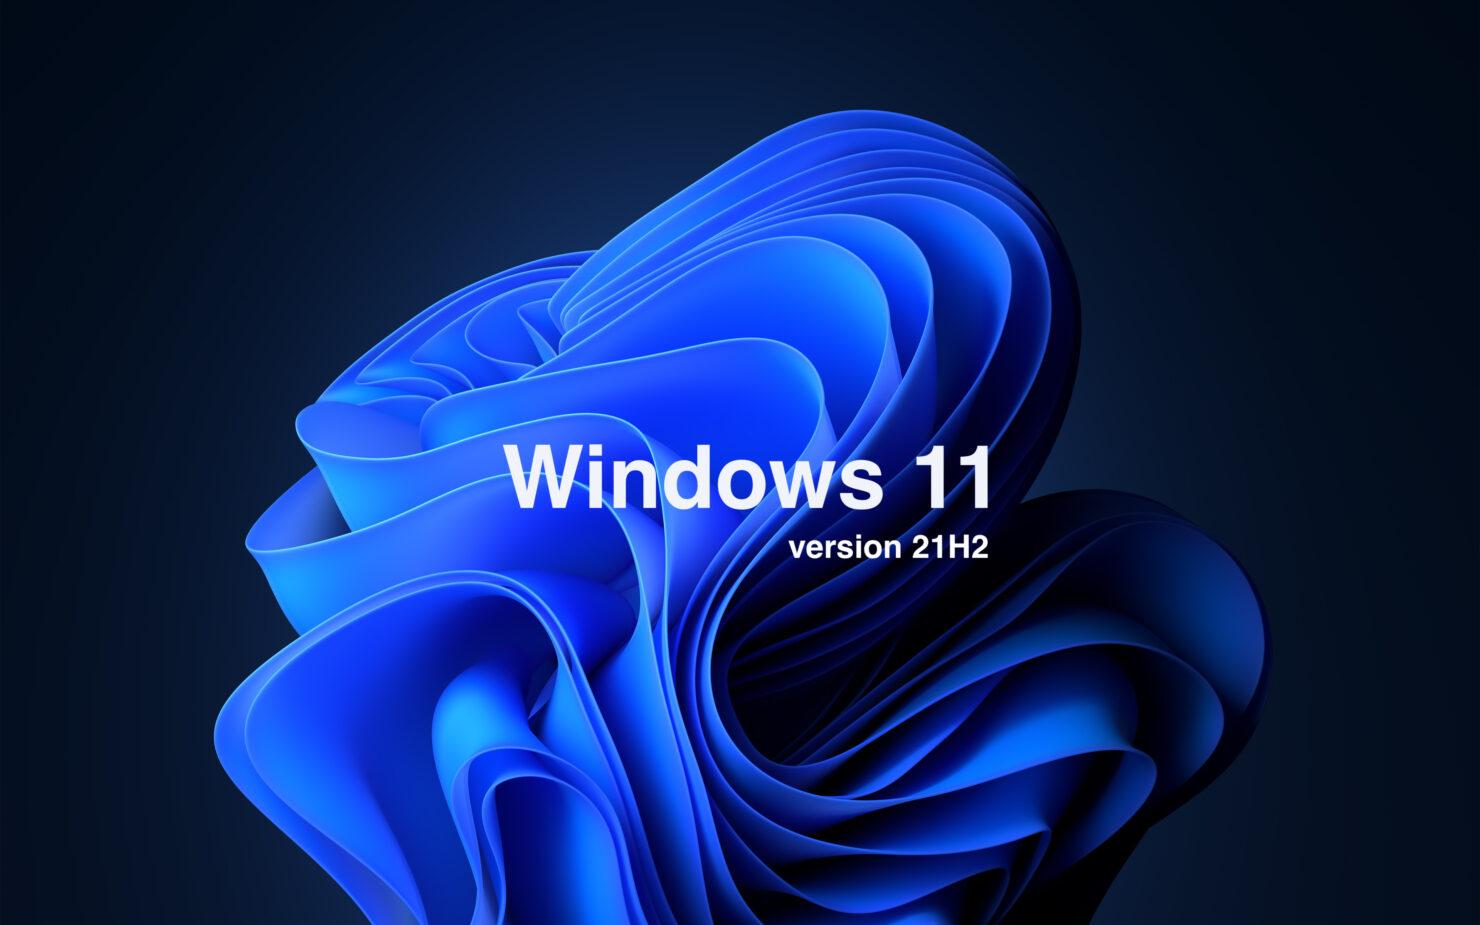 windows 11 version 21h2 windows 11 known issues Windows 11 cumulative update